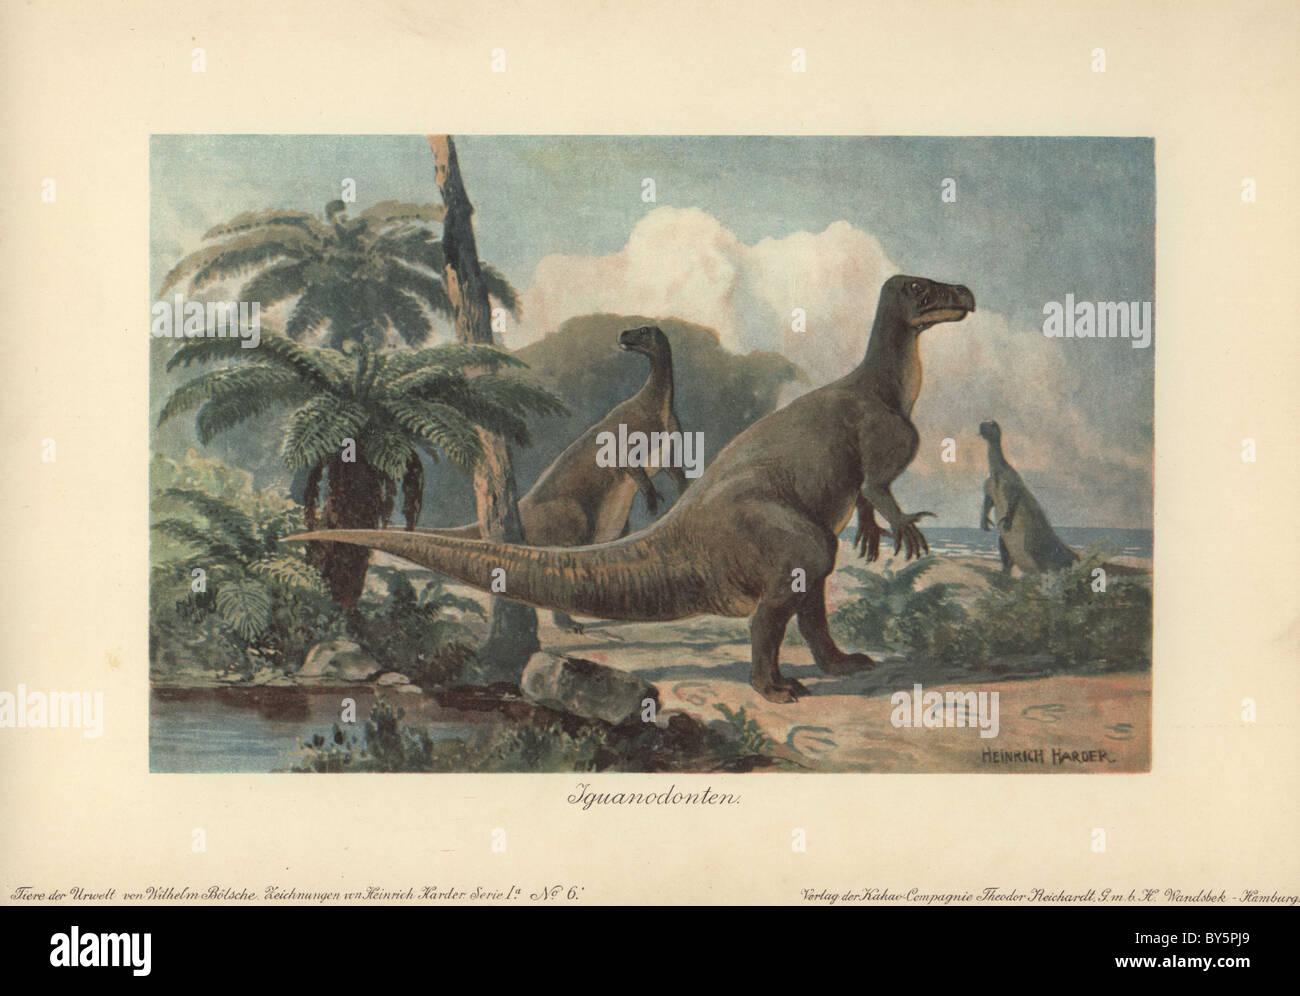 Iguanodontes eran dinosaurios herbívoros que vivieron desde mediados del Jurásico al Cretácico tardío Imagen De Stock